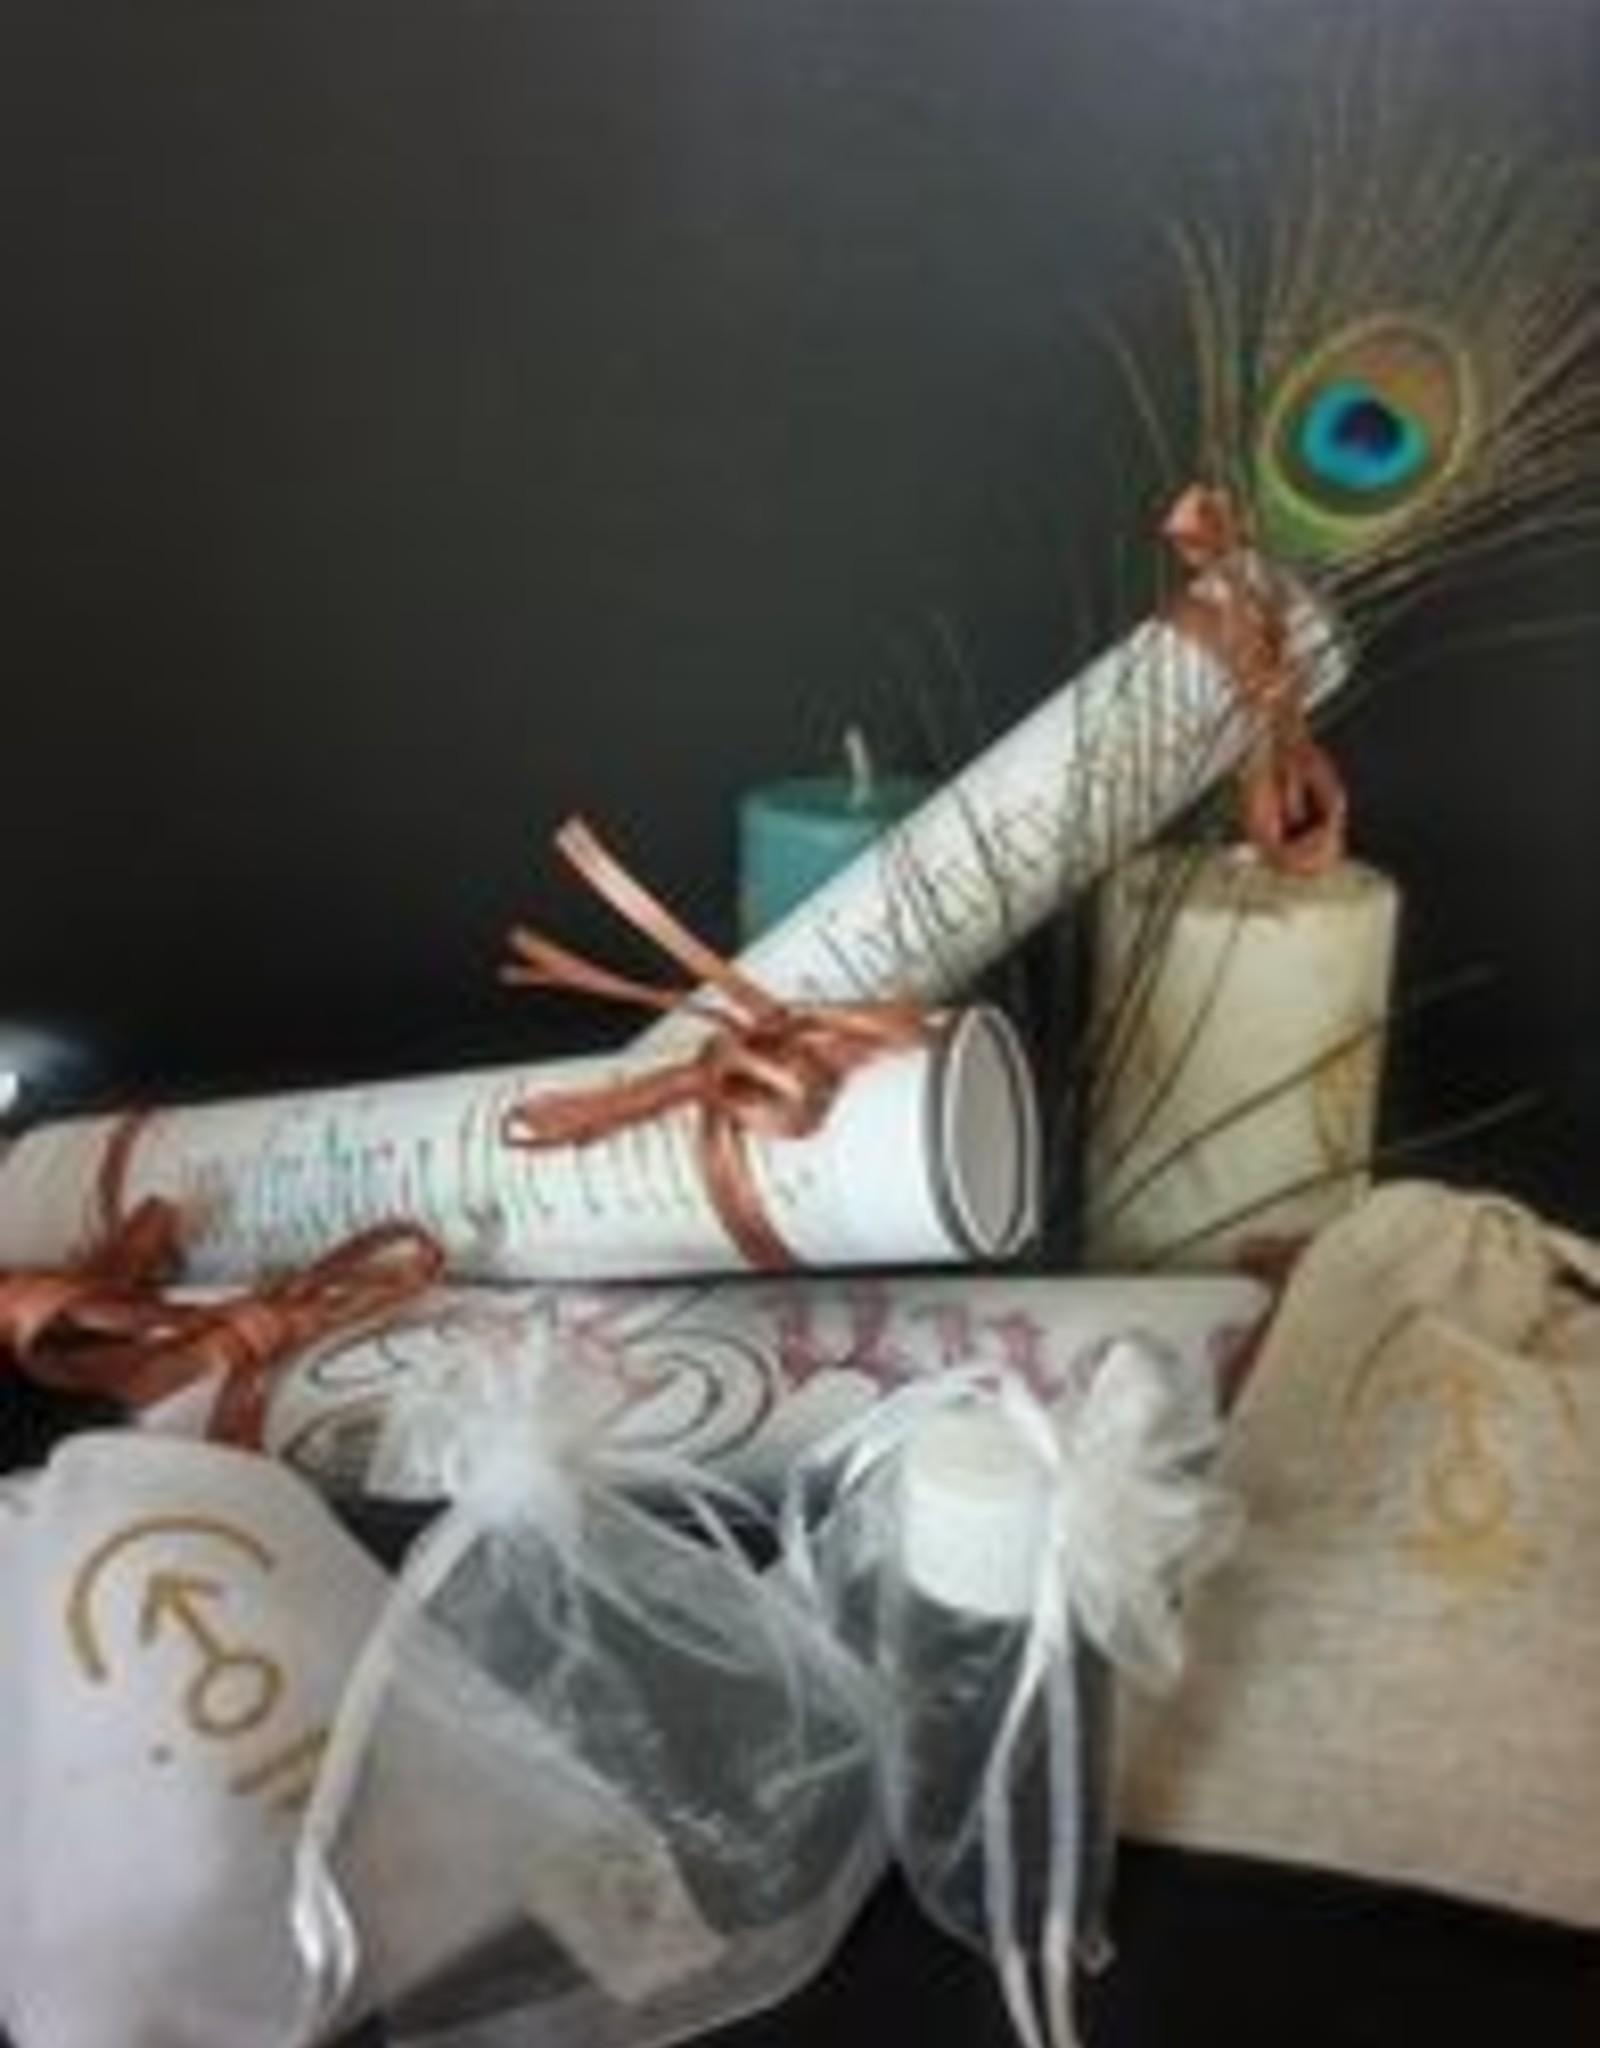 seazido - wevyra valentijns doos